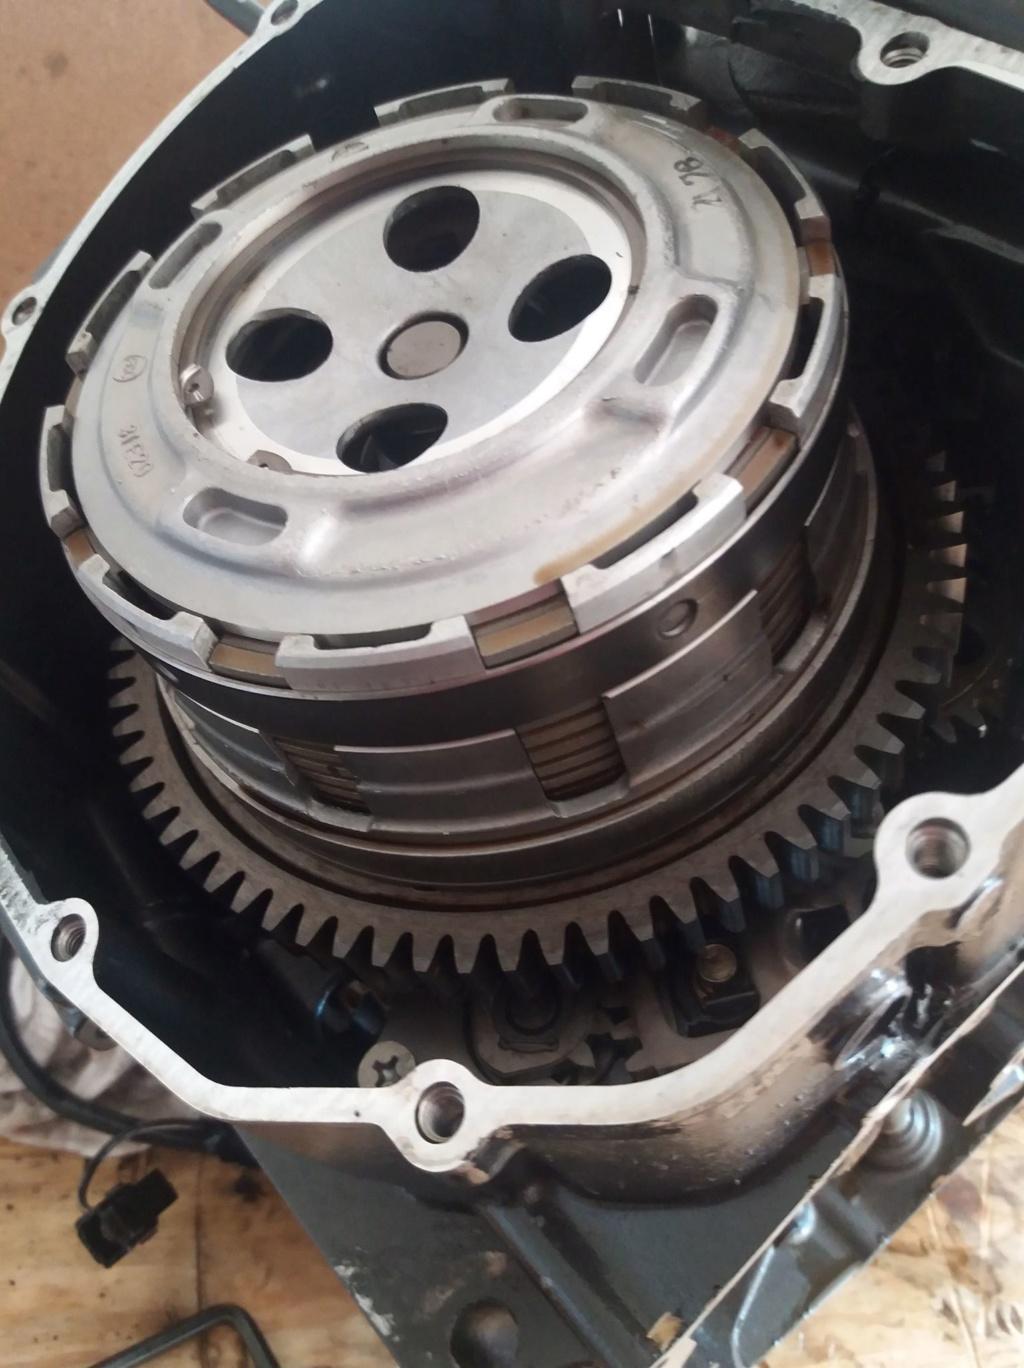 Démontage complet moteur Bandit 1200 36230910